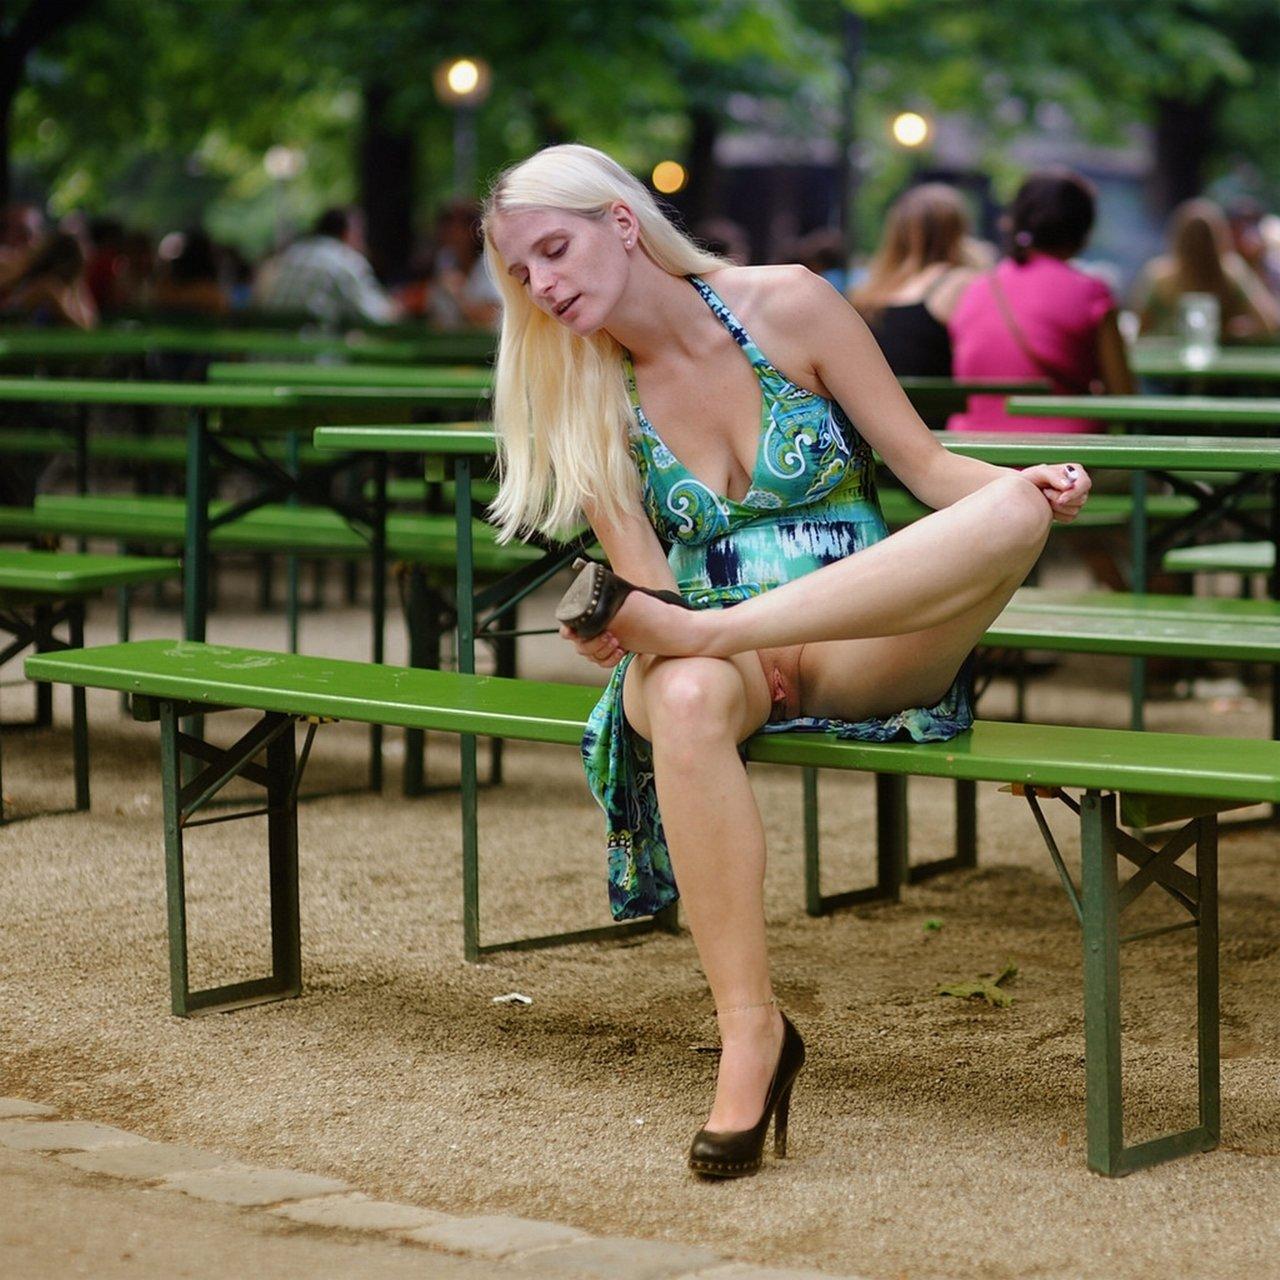 Что у телок под юбкой, русская девушка мастурбирует дома онлайн